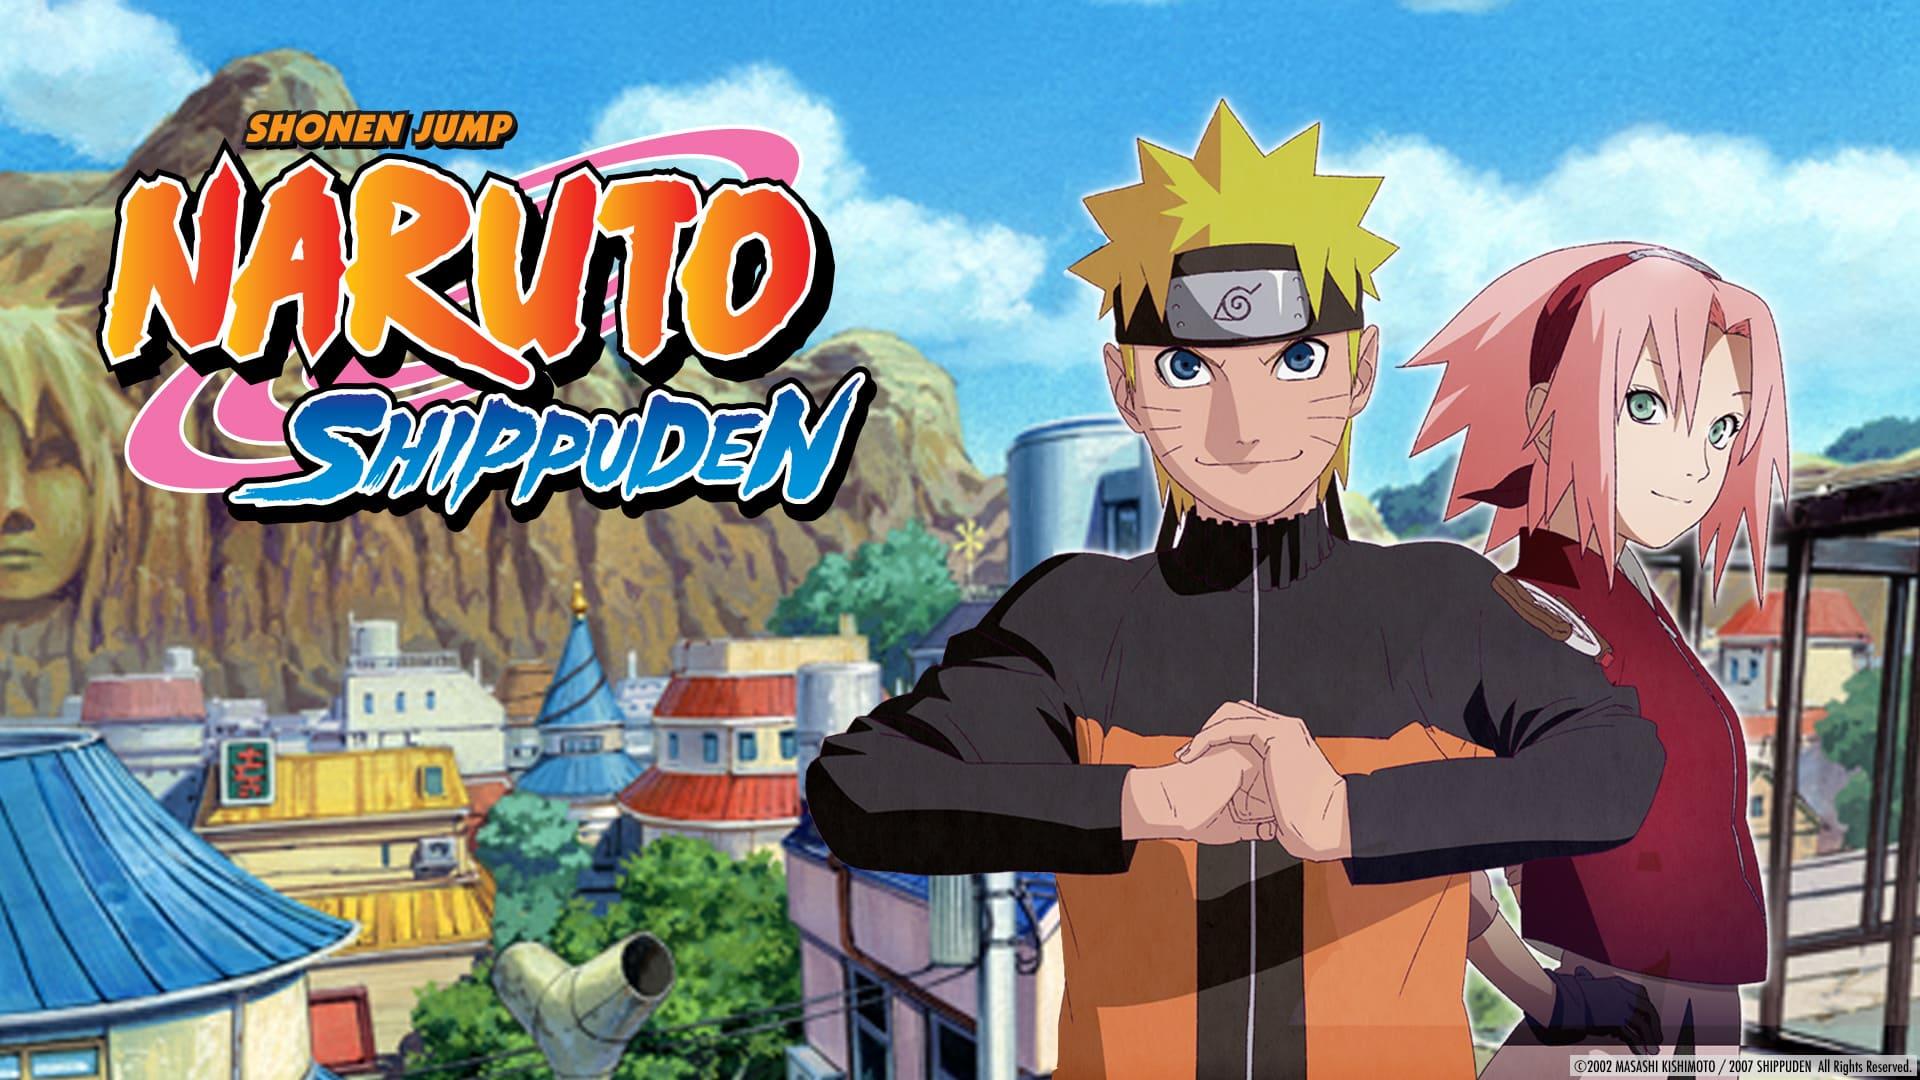 Naruto Shippuden in crunchyroll